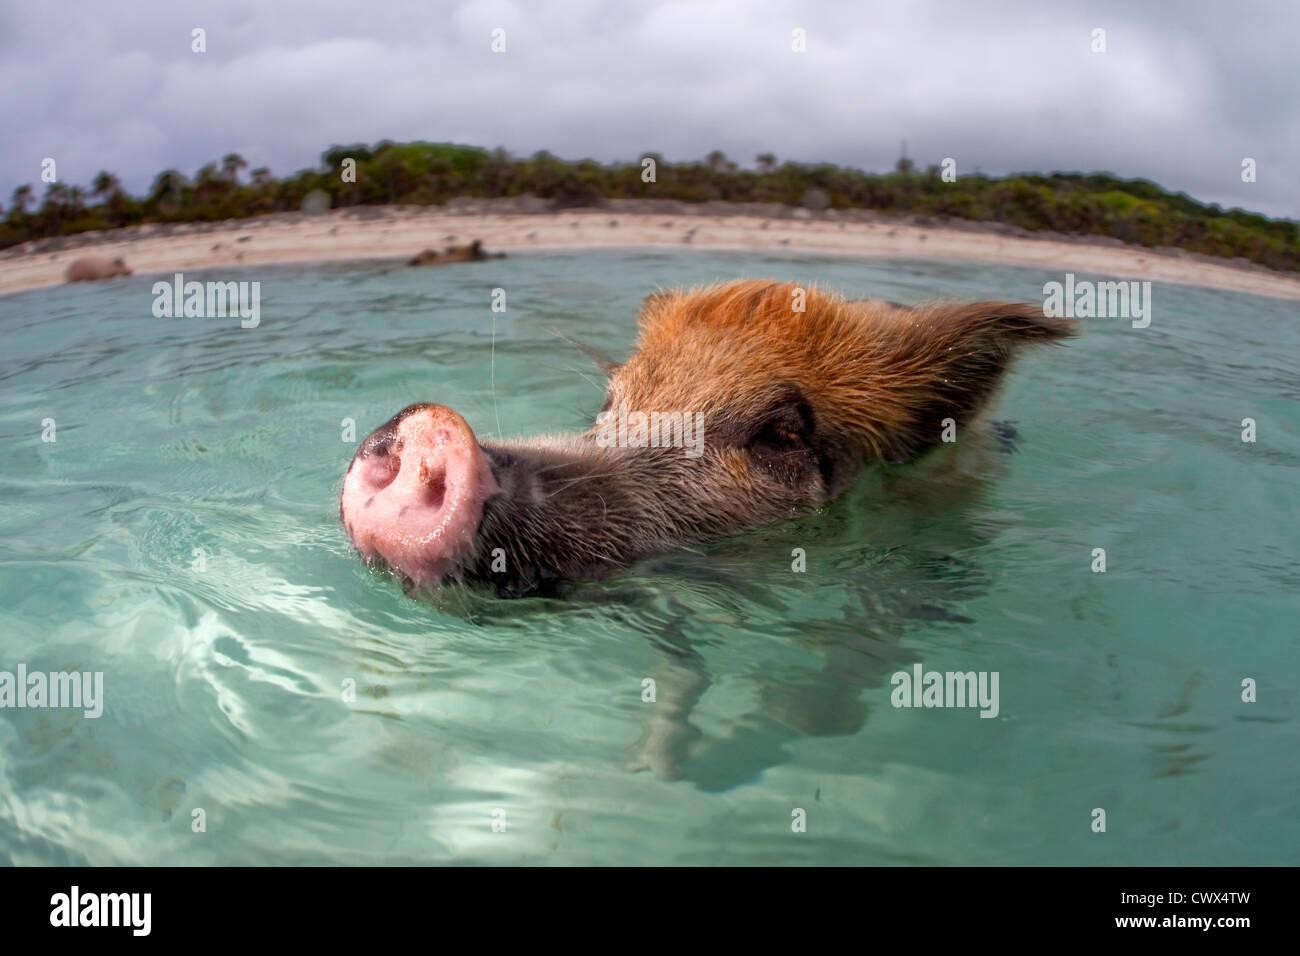 Un cerdo salvaje nadando hasta un barco lleno de turistas en Staniel Cay en las Bahamas. Imagen De Stock